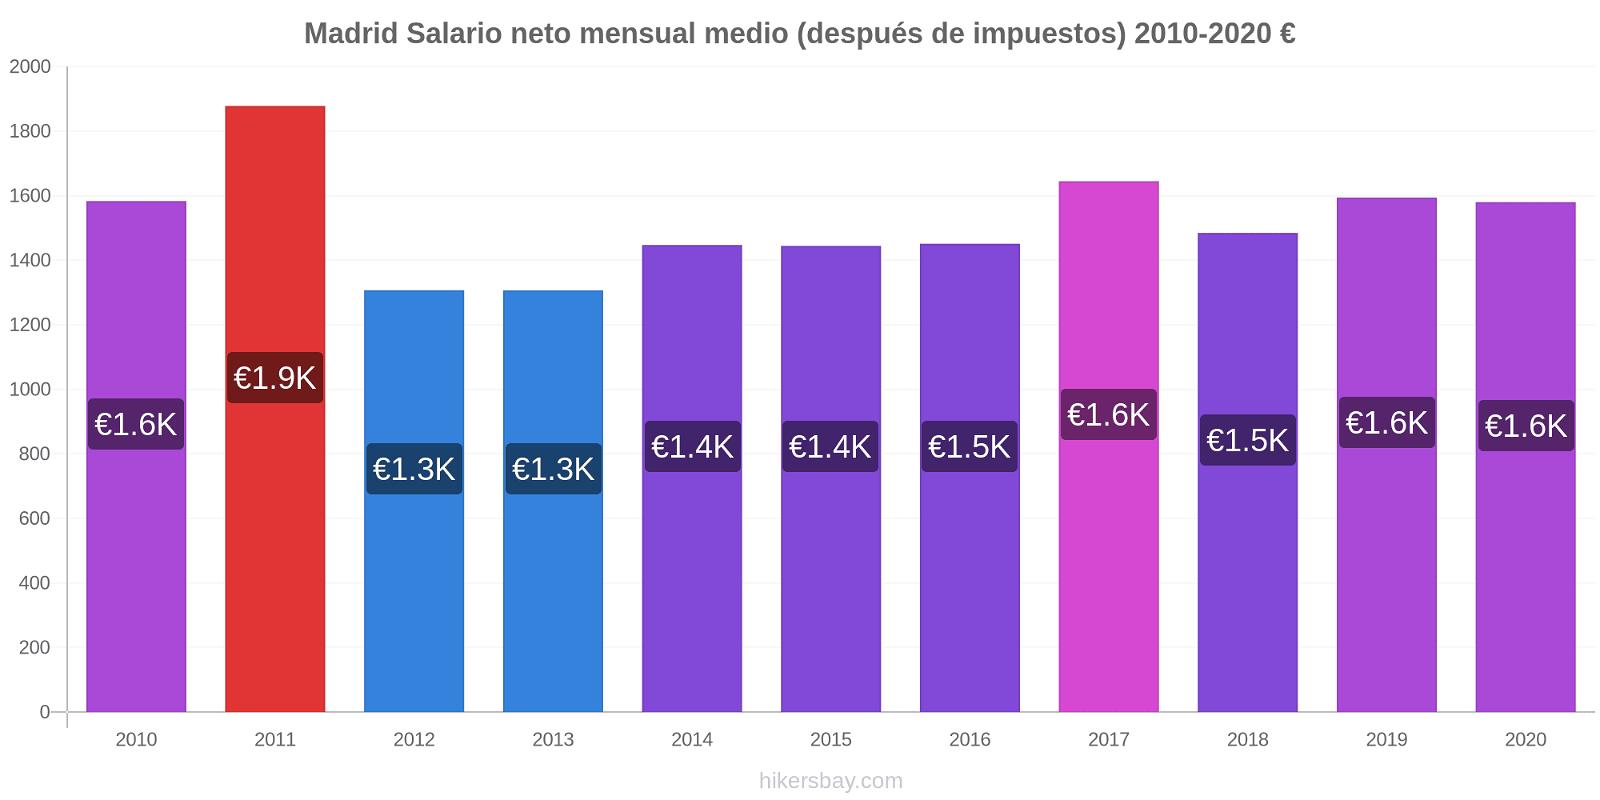 Madrid cambios de precios Promedio mensual del salario neto (después de pagar impuestos) hikersbay.com